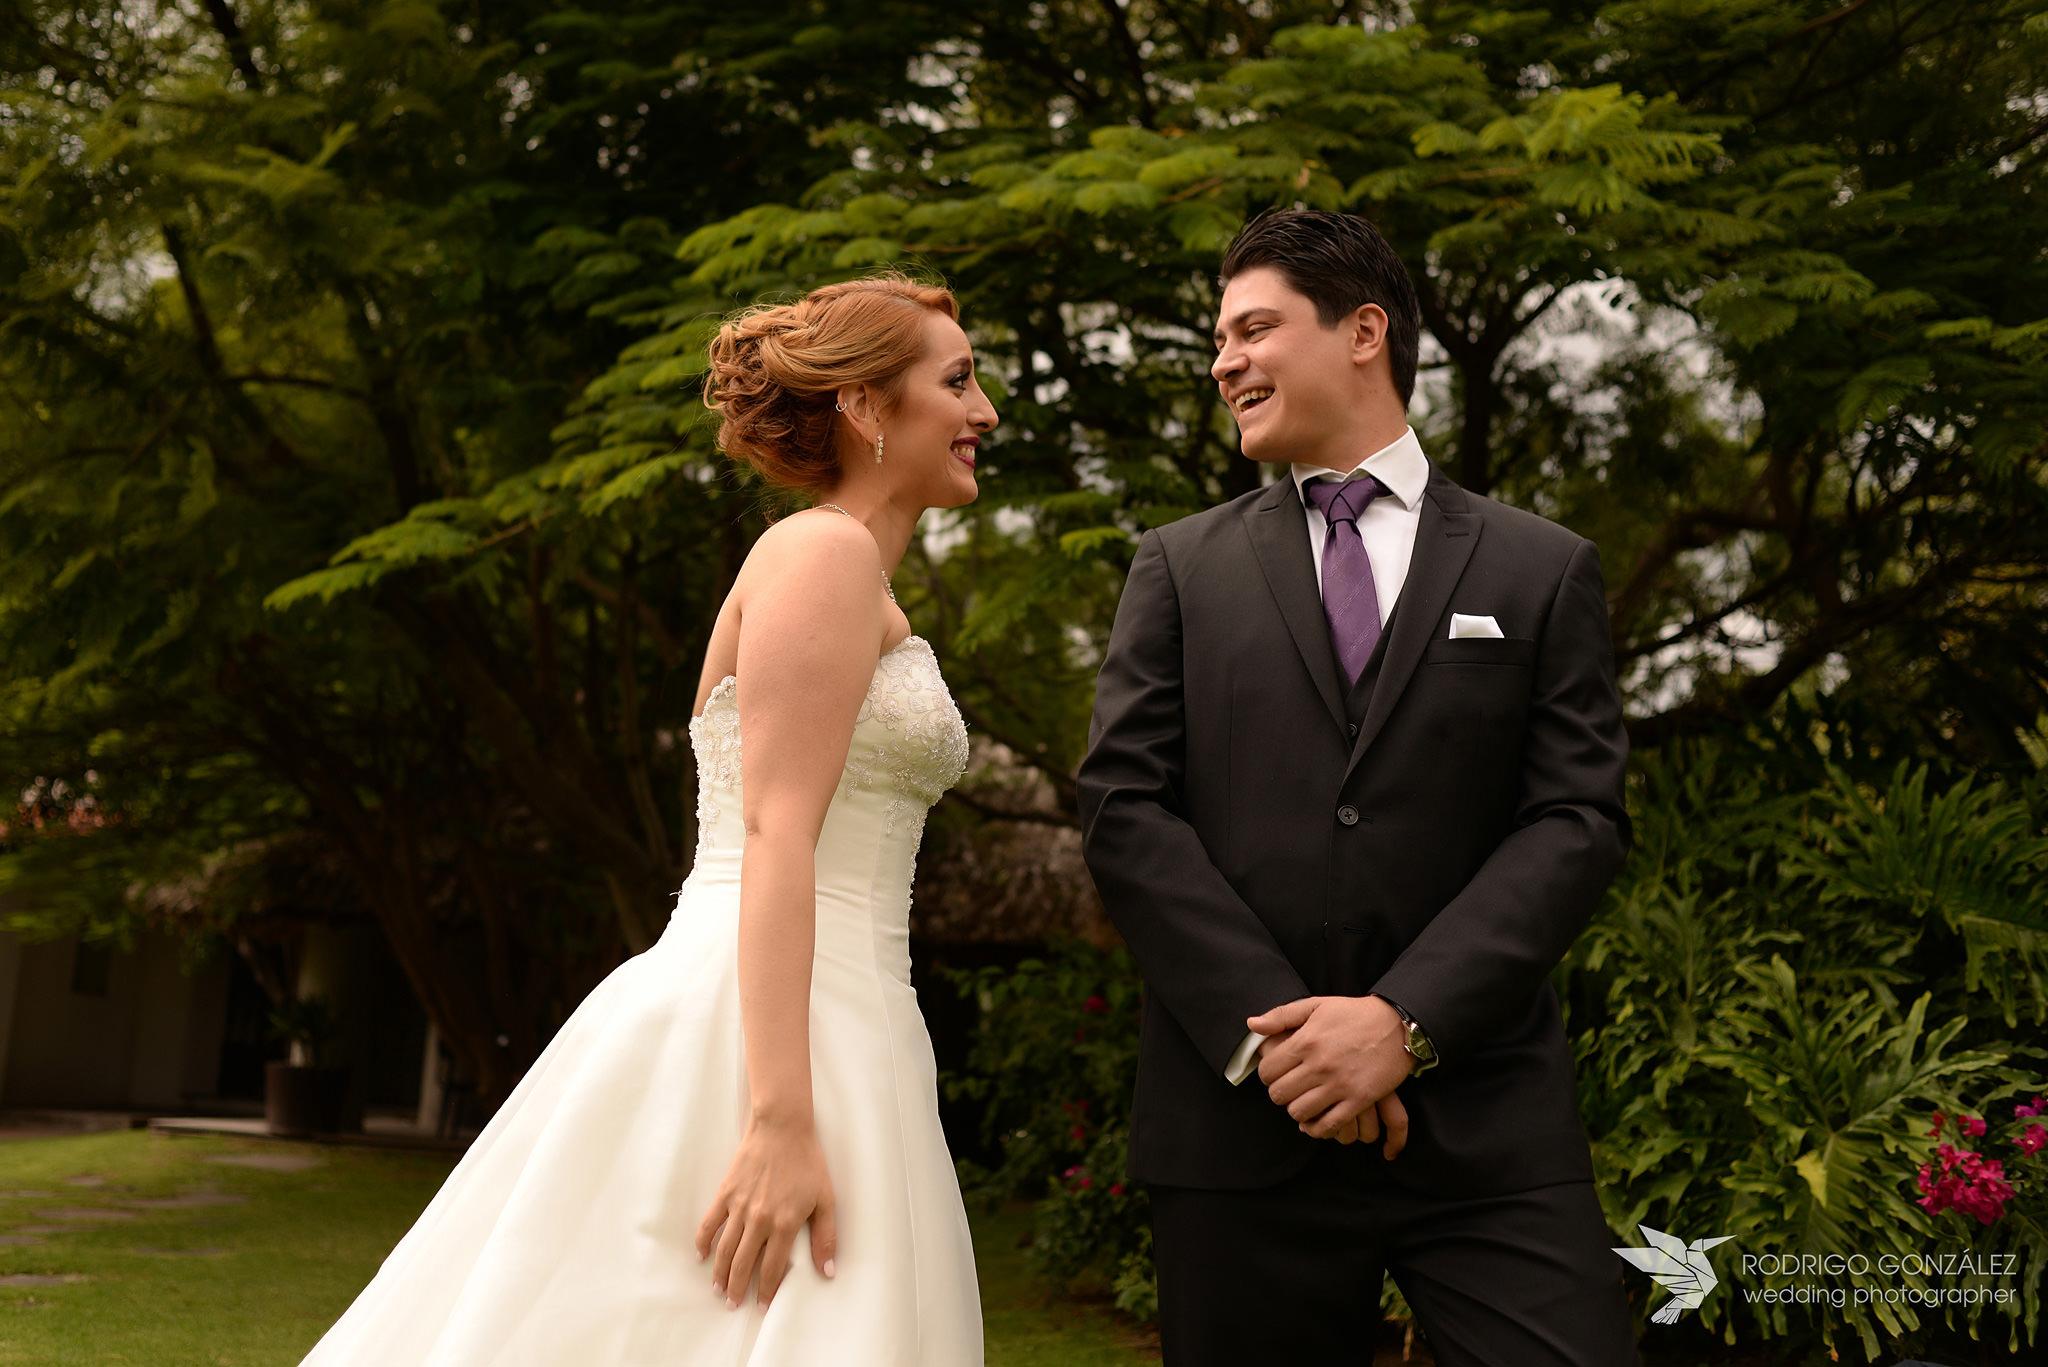 fotografo-de-bodas-en-puebla_0251